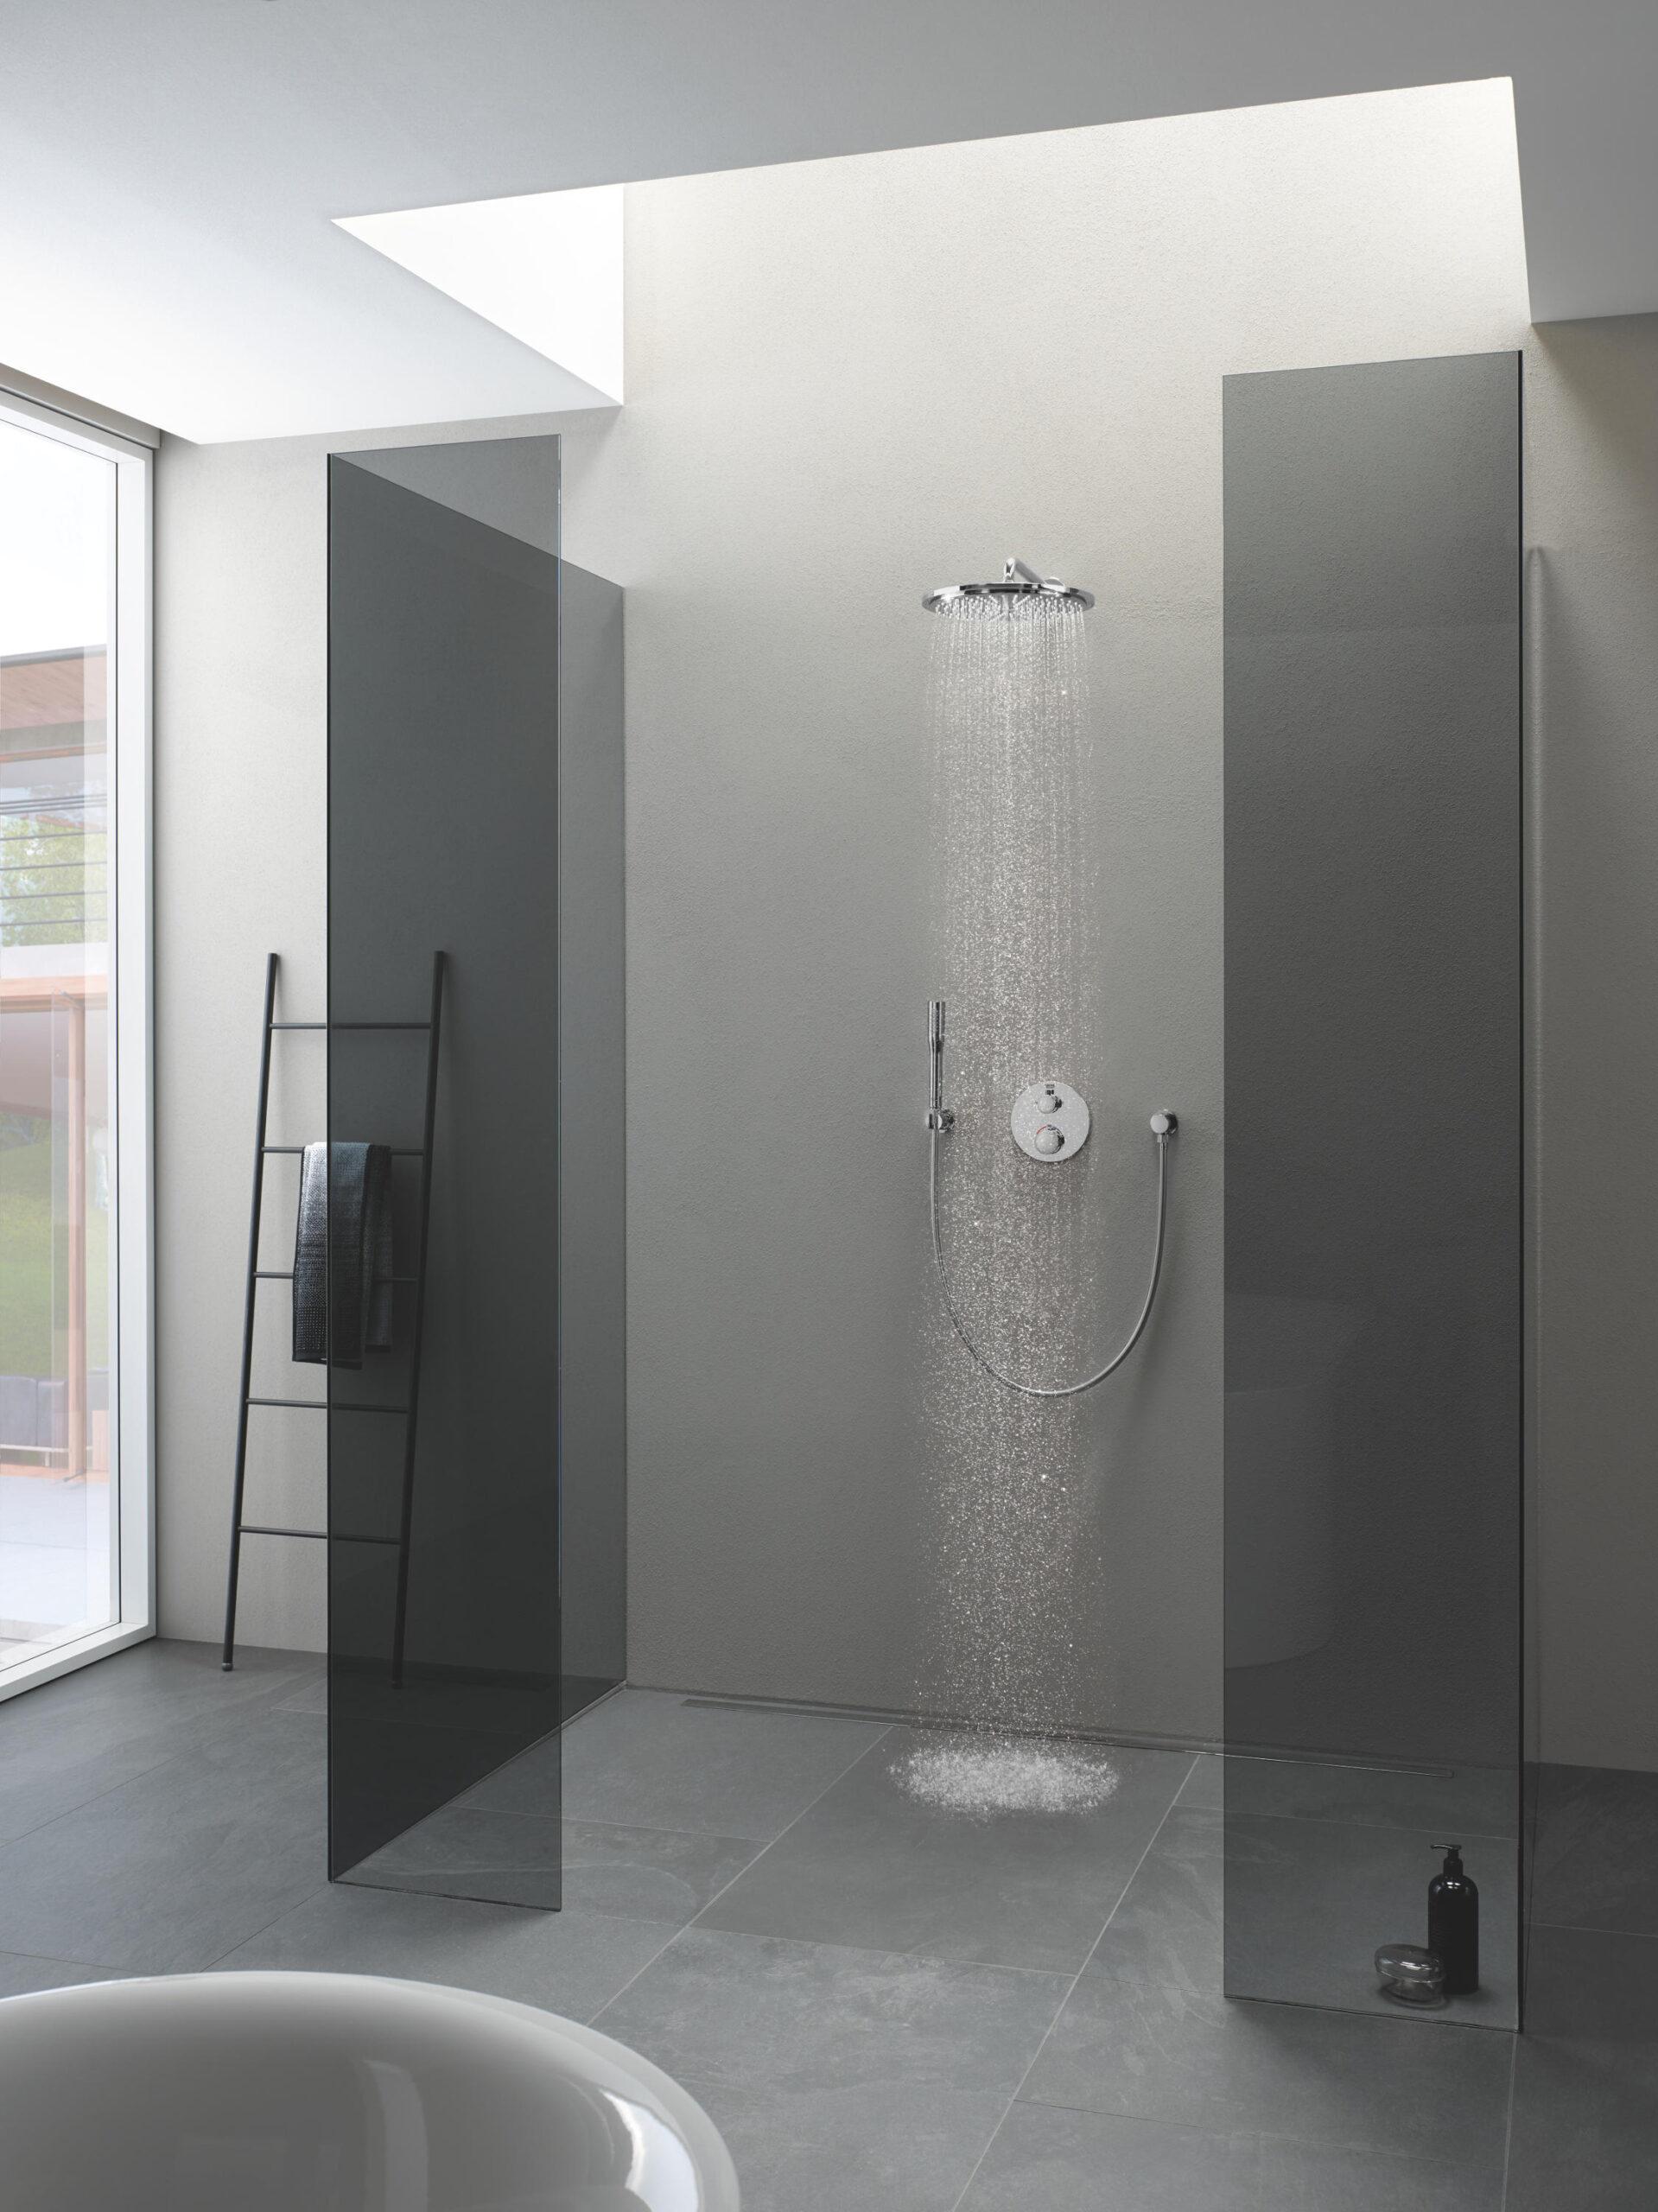 Full Size of Grohe Thermostat Dusche Defekt Wechseln Unterputz Aufputz Duschstange Montage Armatur Einhebelmischer Ersatzteile Einhandmischer Hinter Dem Vorhang Dusche Grohe Dusche